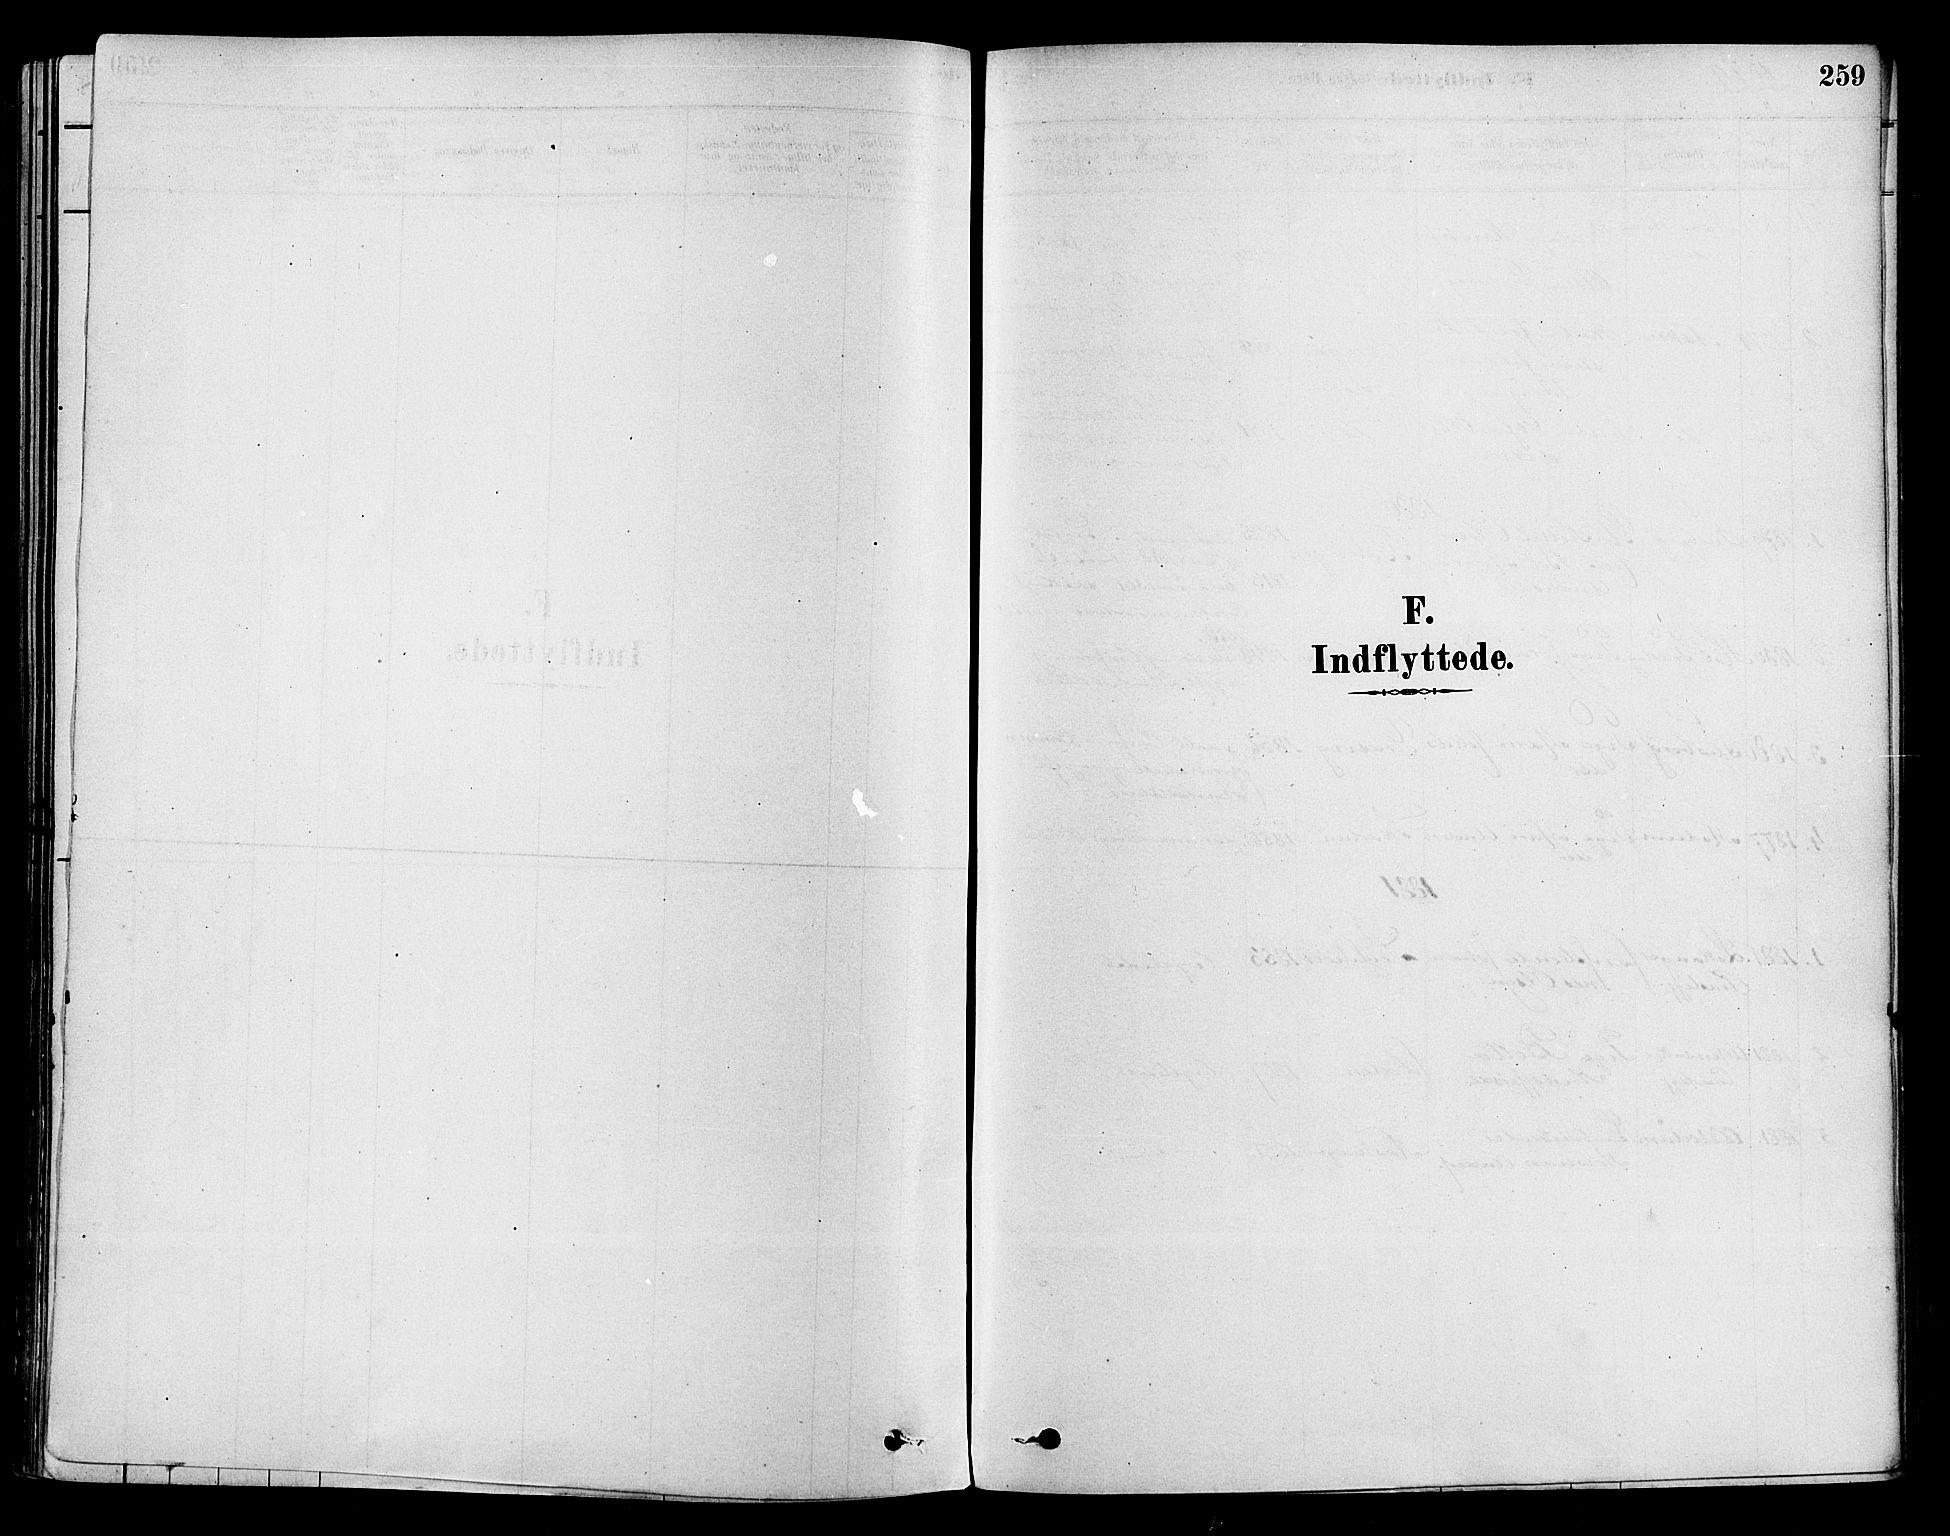 SAKO, Sigdal kirkebøker, F/Fa/L0011: Ministerialbok nr. I 11, 1879-1887, s. 259